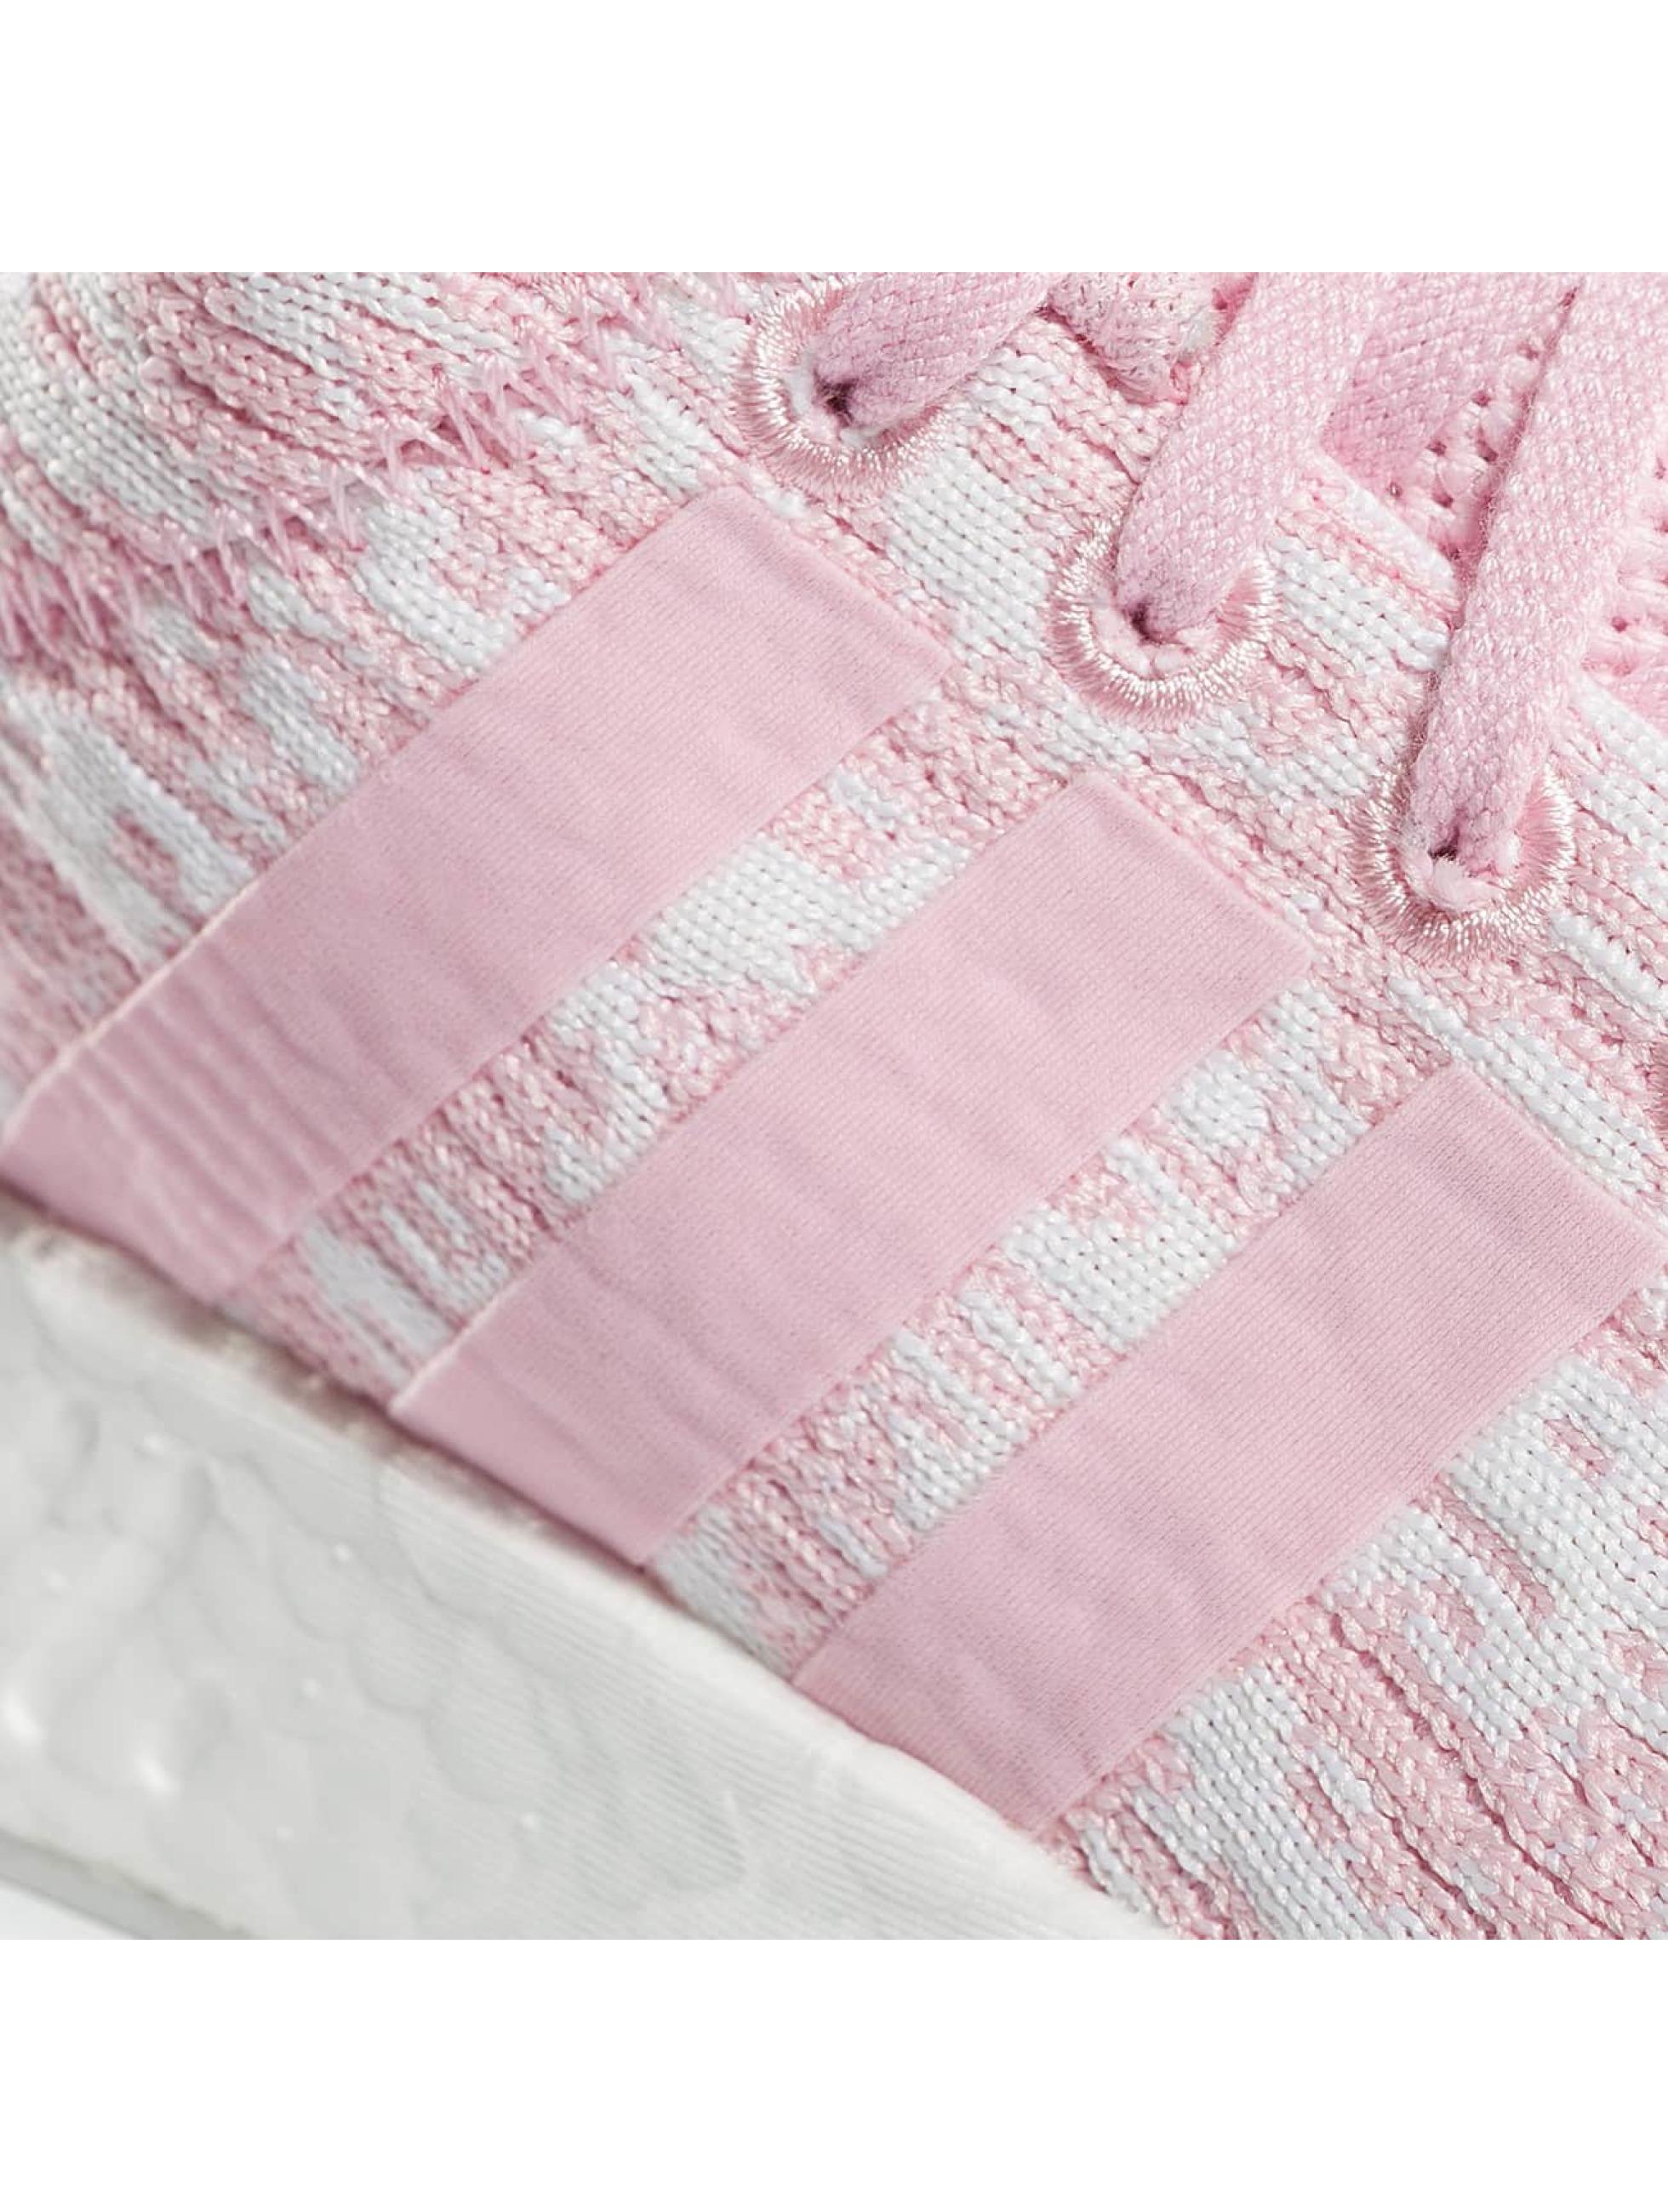 adidas originals Tøysko NMD_R2 W rosa